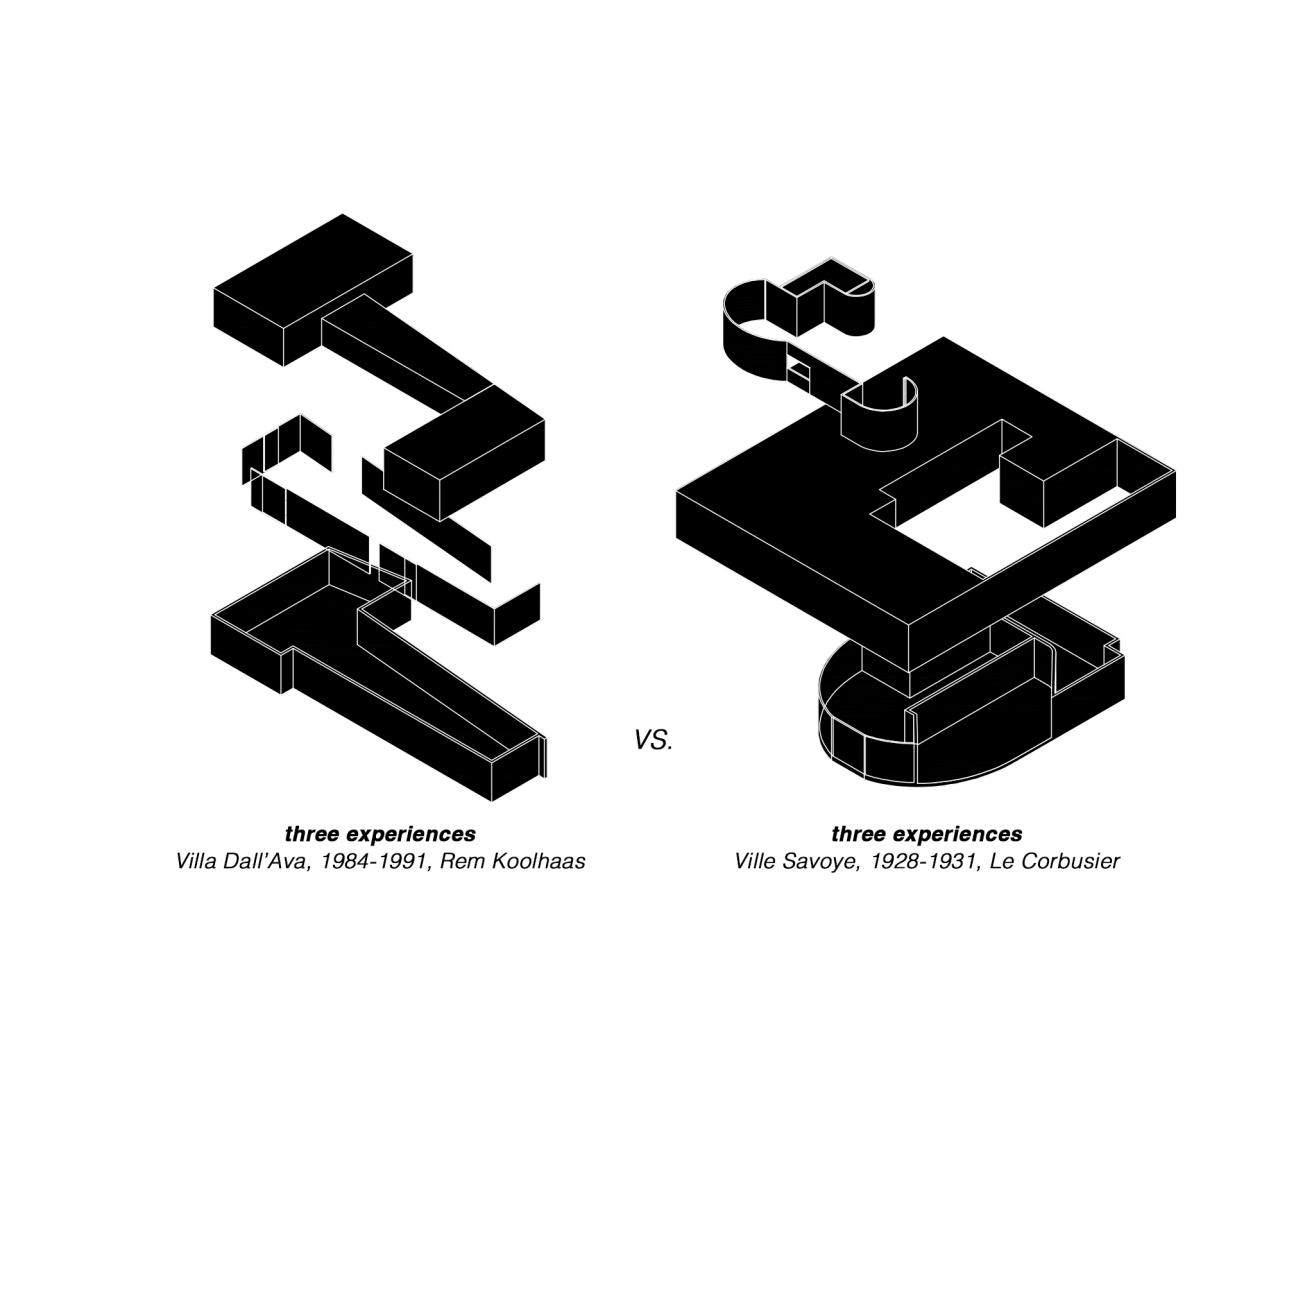 02_Levels_Ville Savoye vs Villa Dall'Ava_Alex-Duro_2016_Master-Degree-in-Advanced-Architecture-Projects_ETSAM copia